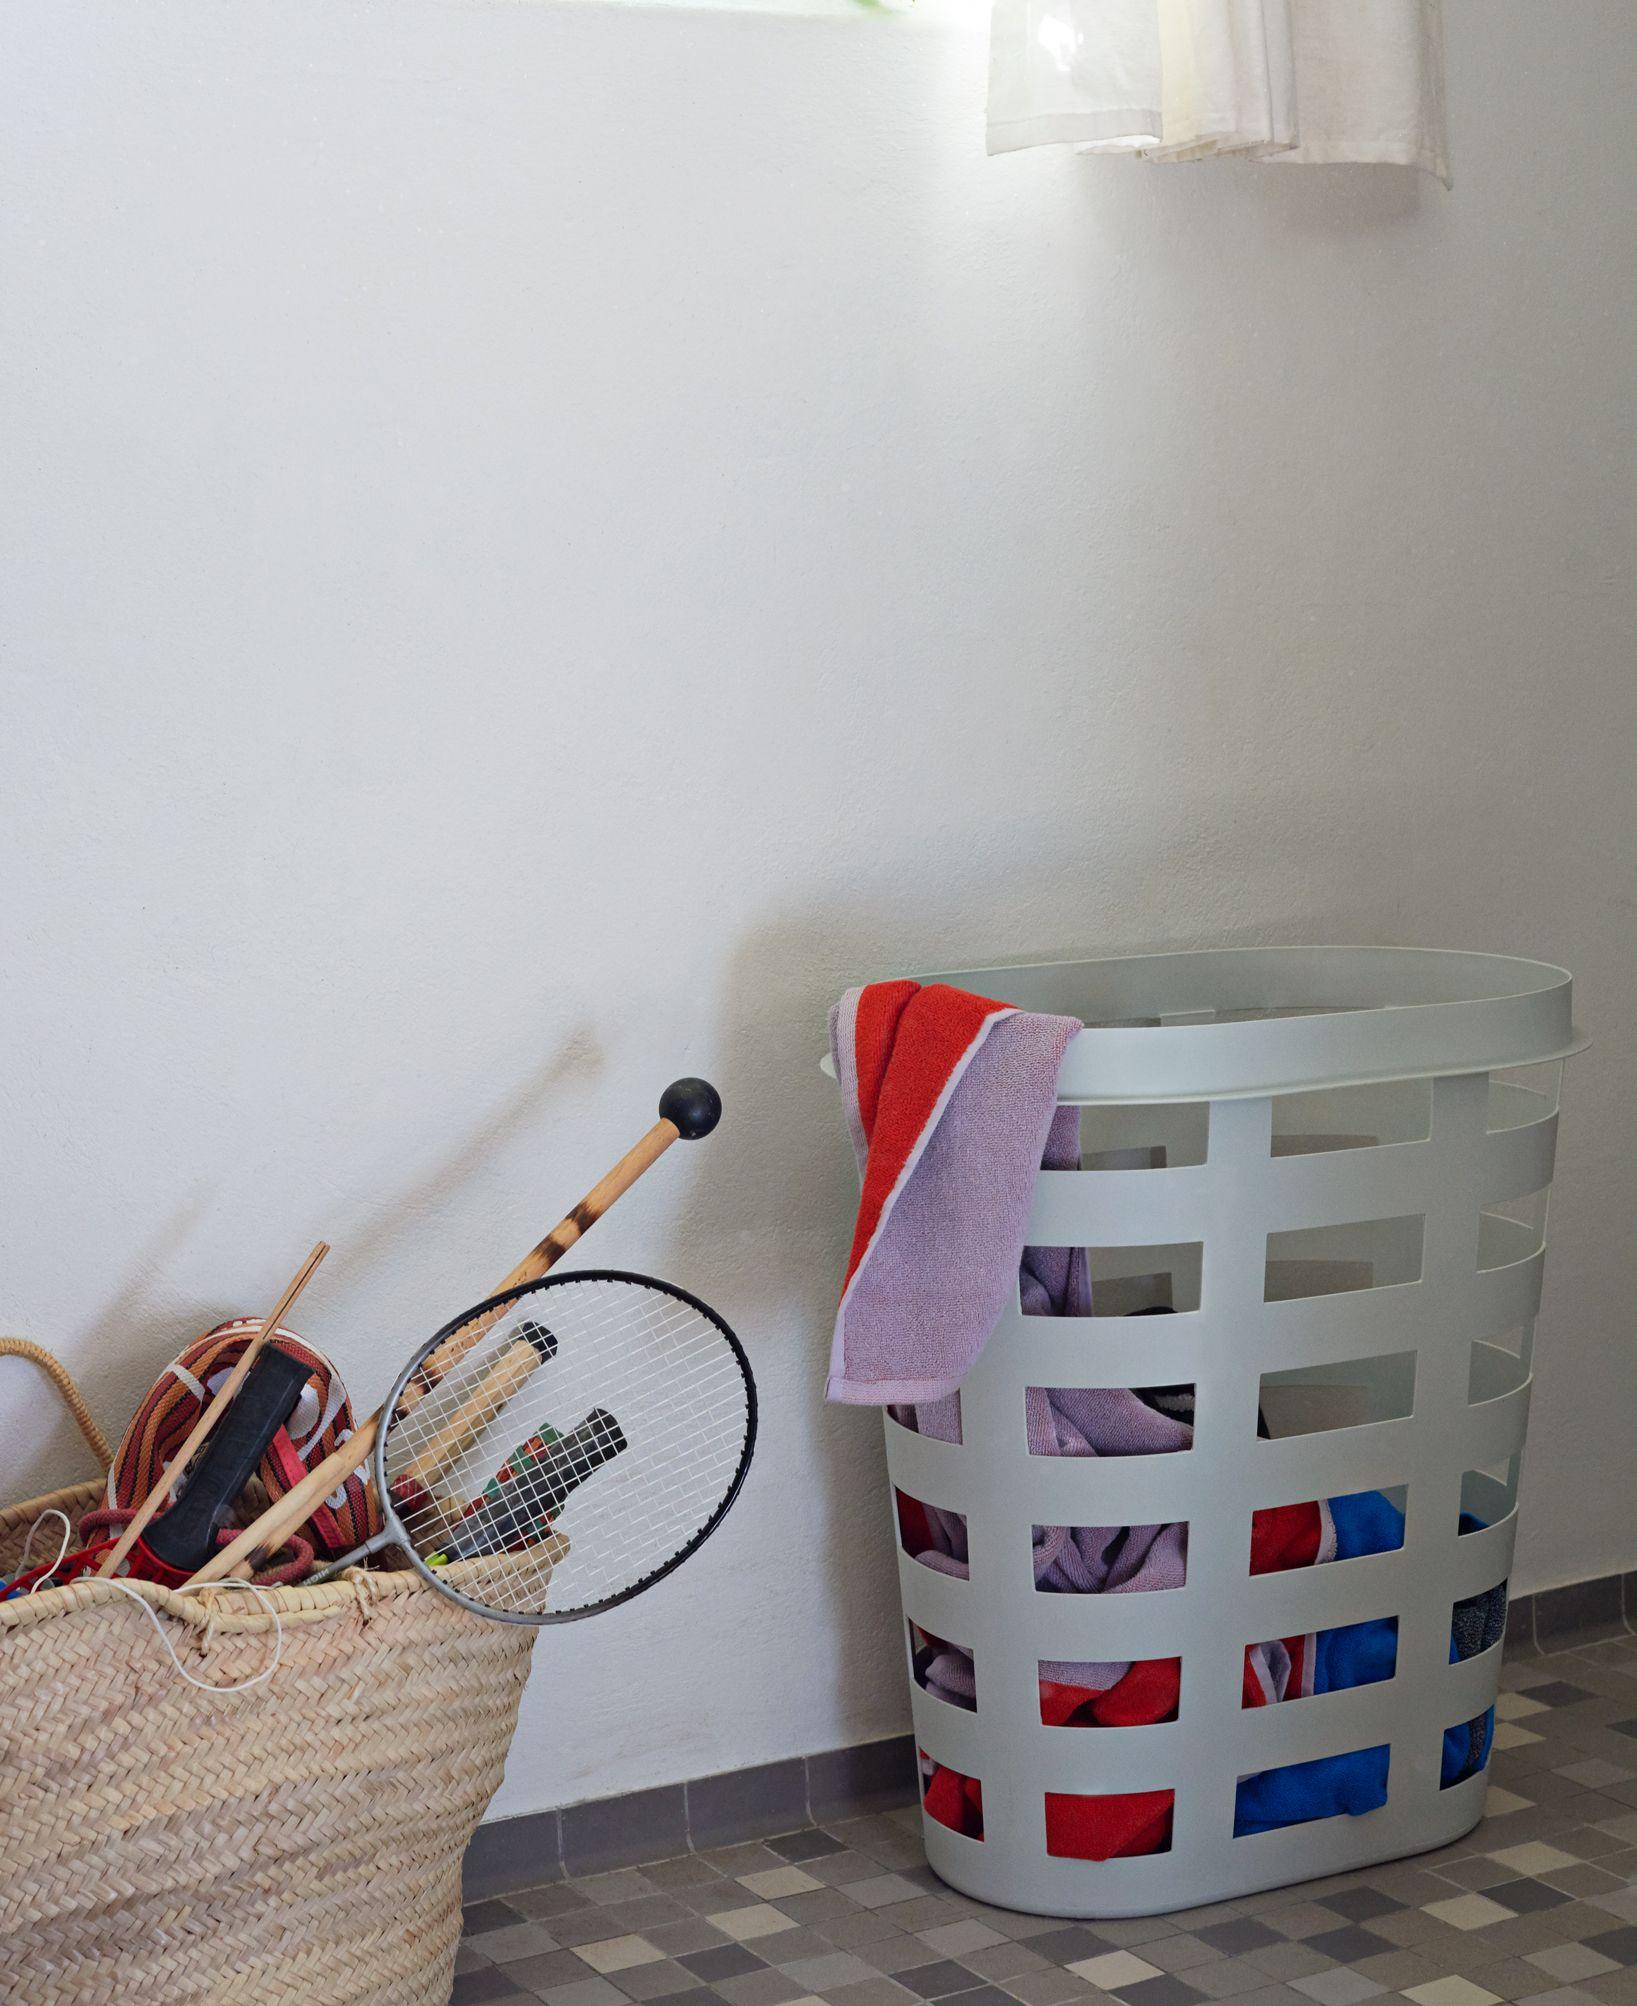 Laundry Basket In 2020 Laundry Basket Plastic Laundry Basket